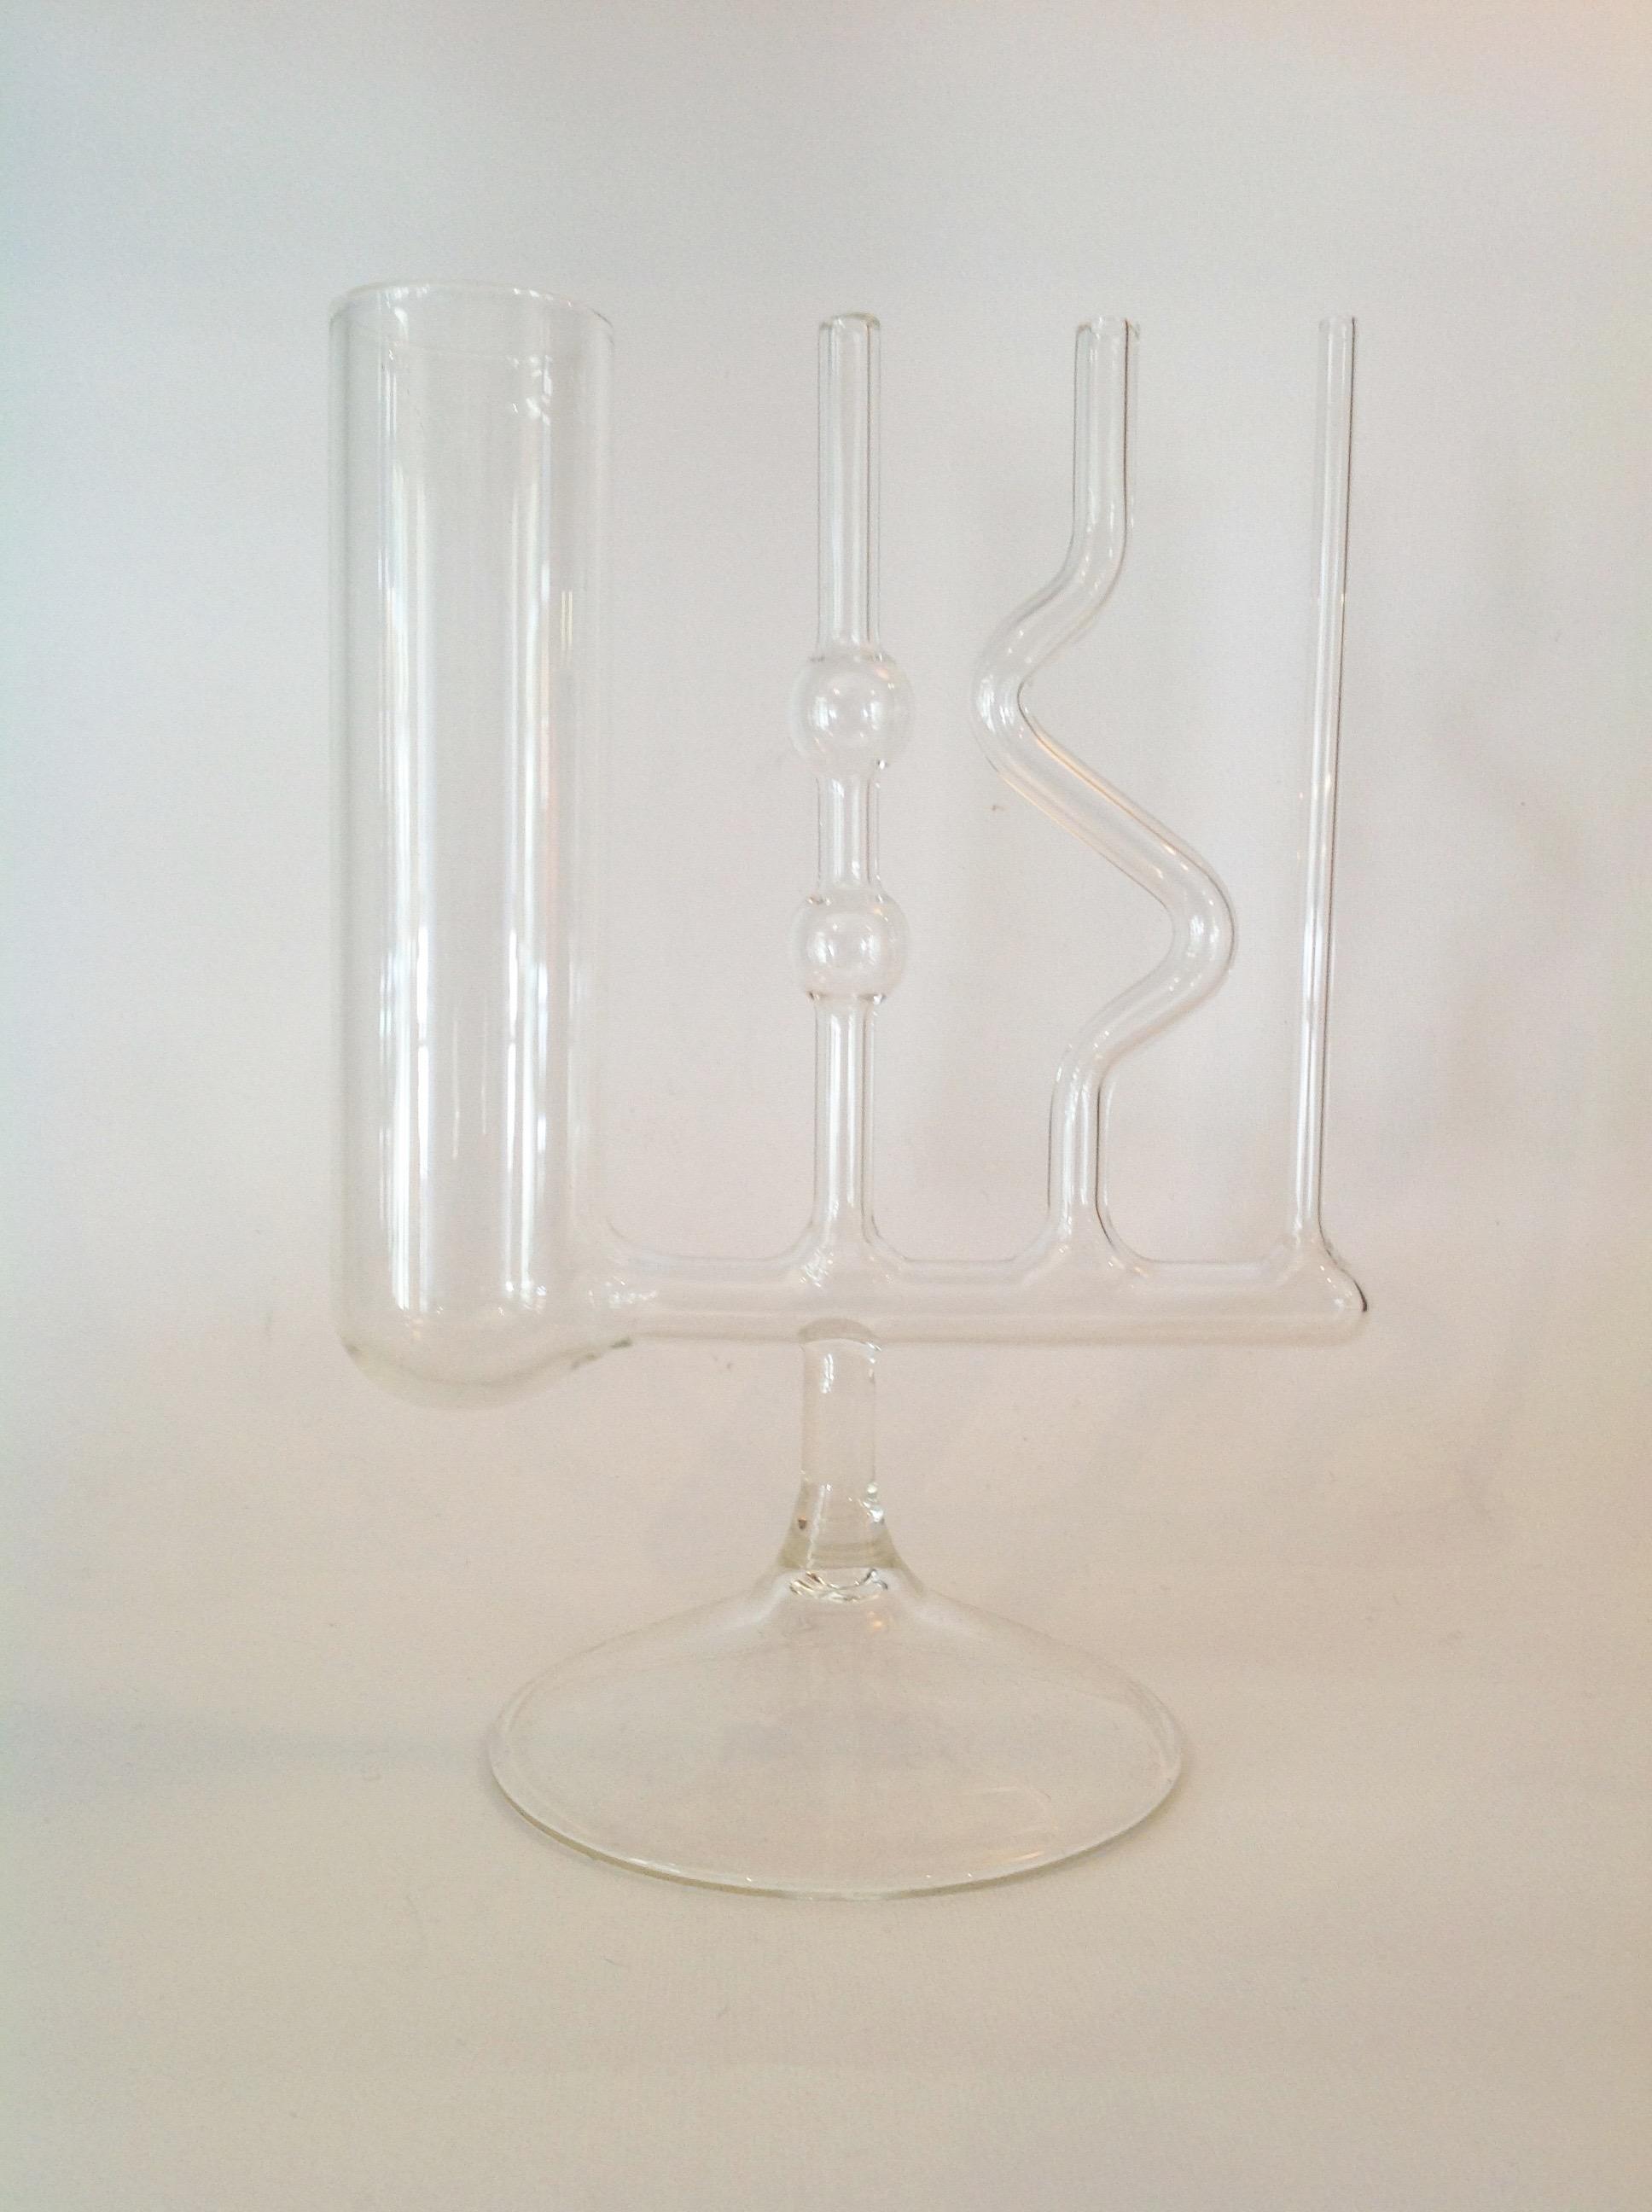 Vasi comunicanti in vetro H.20 cm L.15 cm